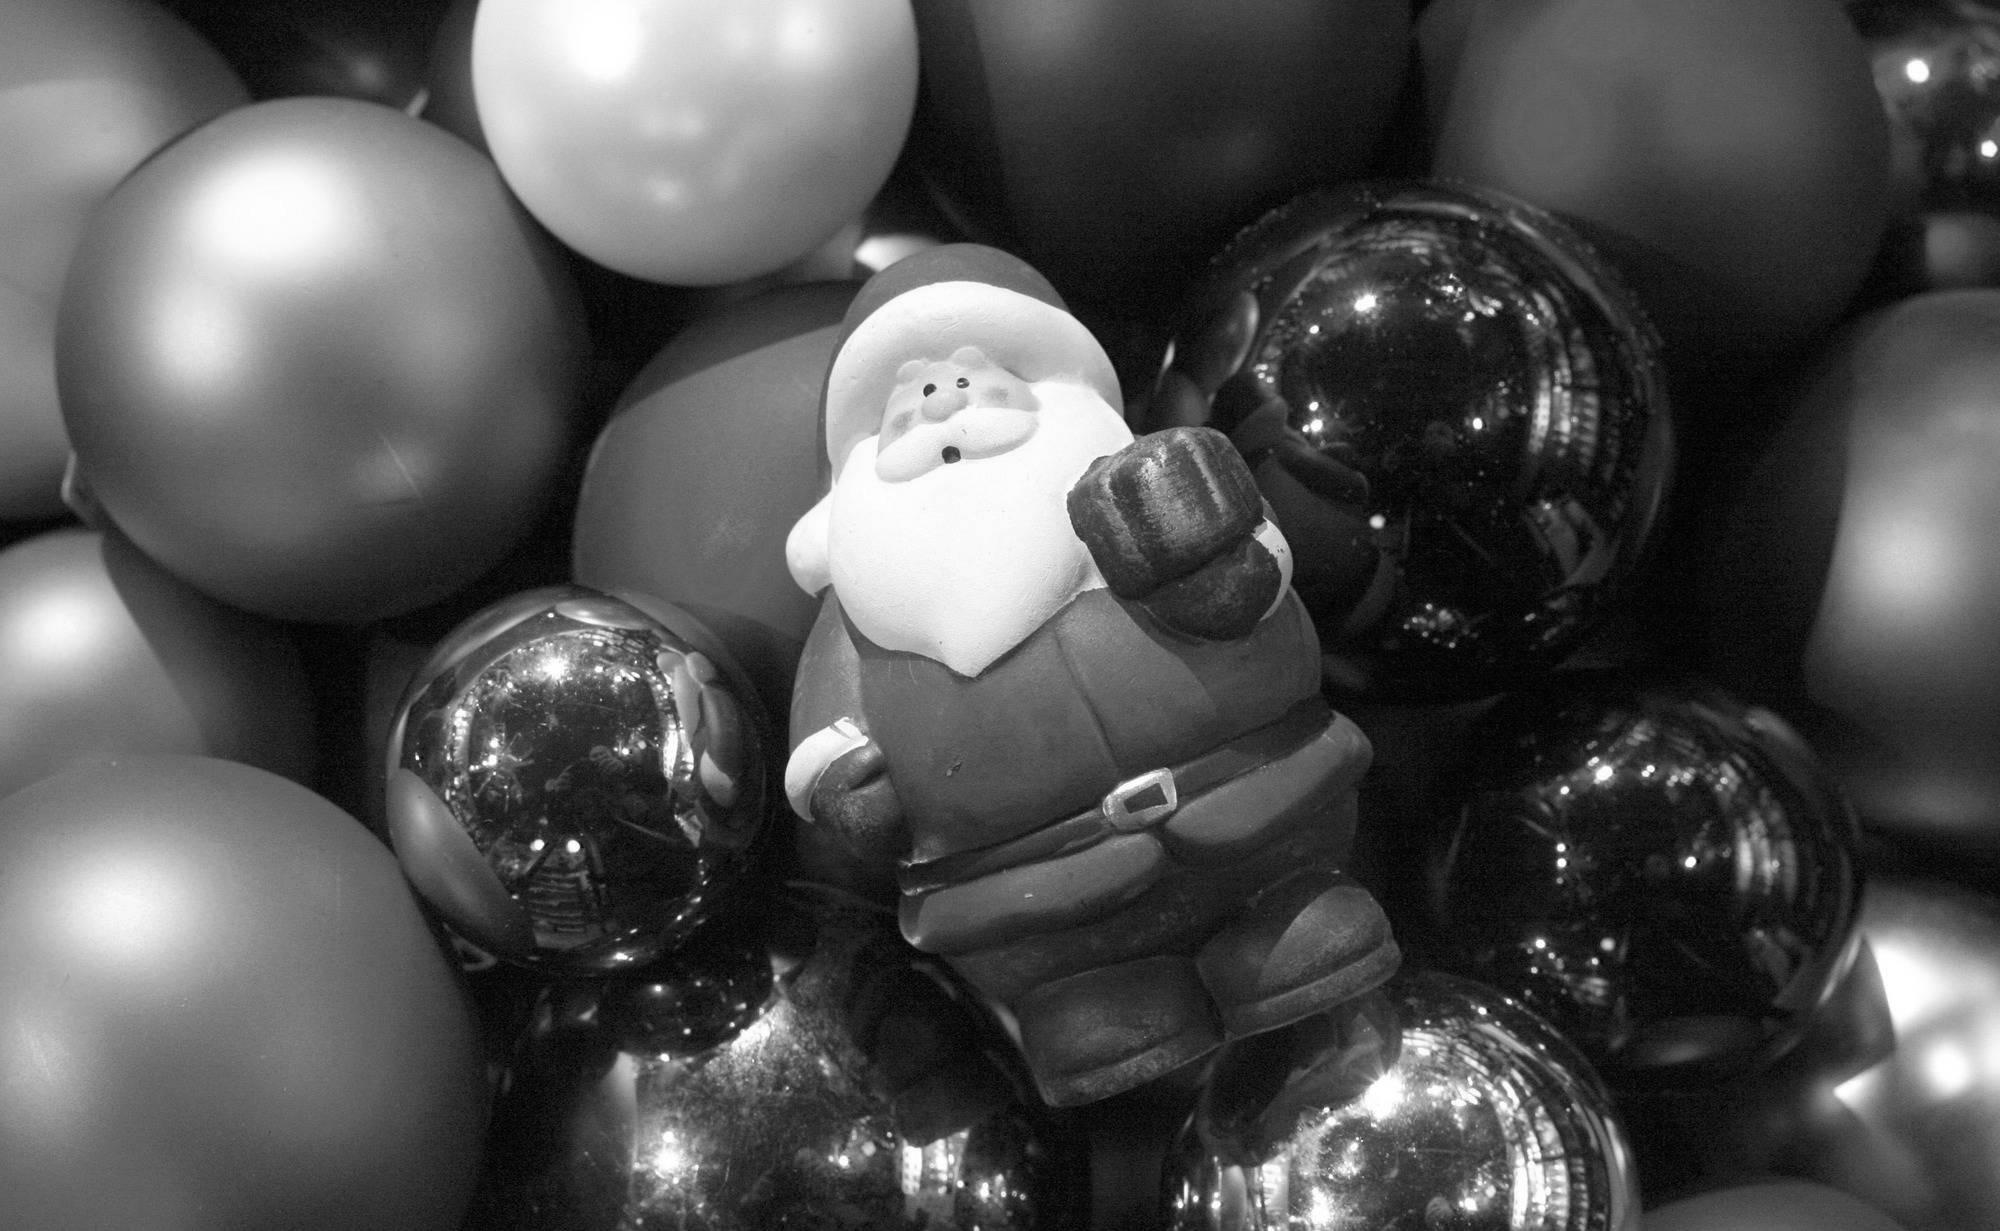 Die Besten Weihnachtslieder An Heiligabend.Heiligabend In Heidelberg Das Bieten Die Kirchen über Weihnachten